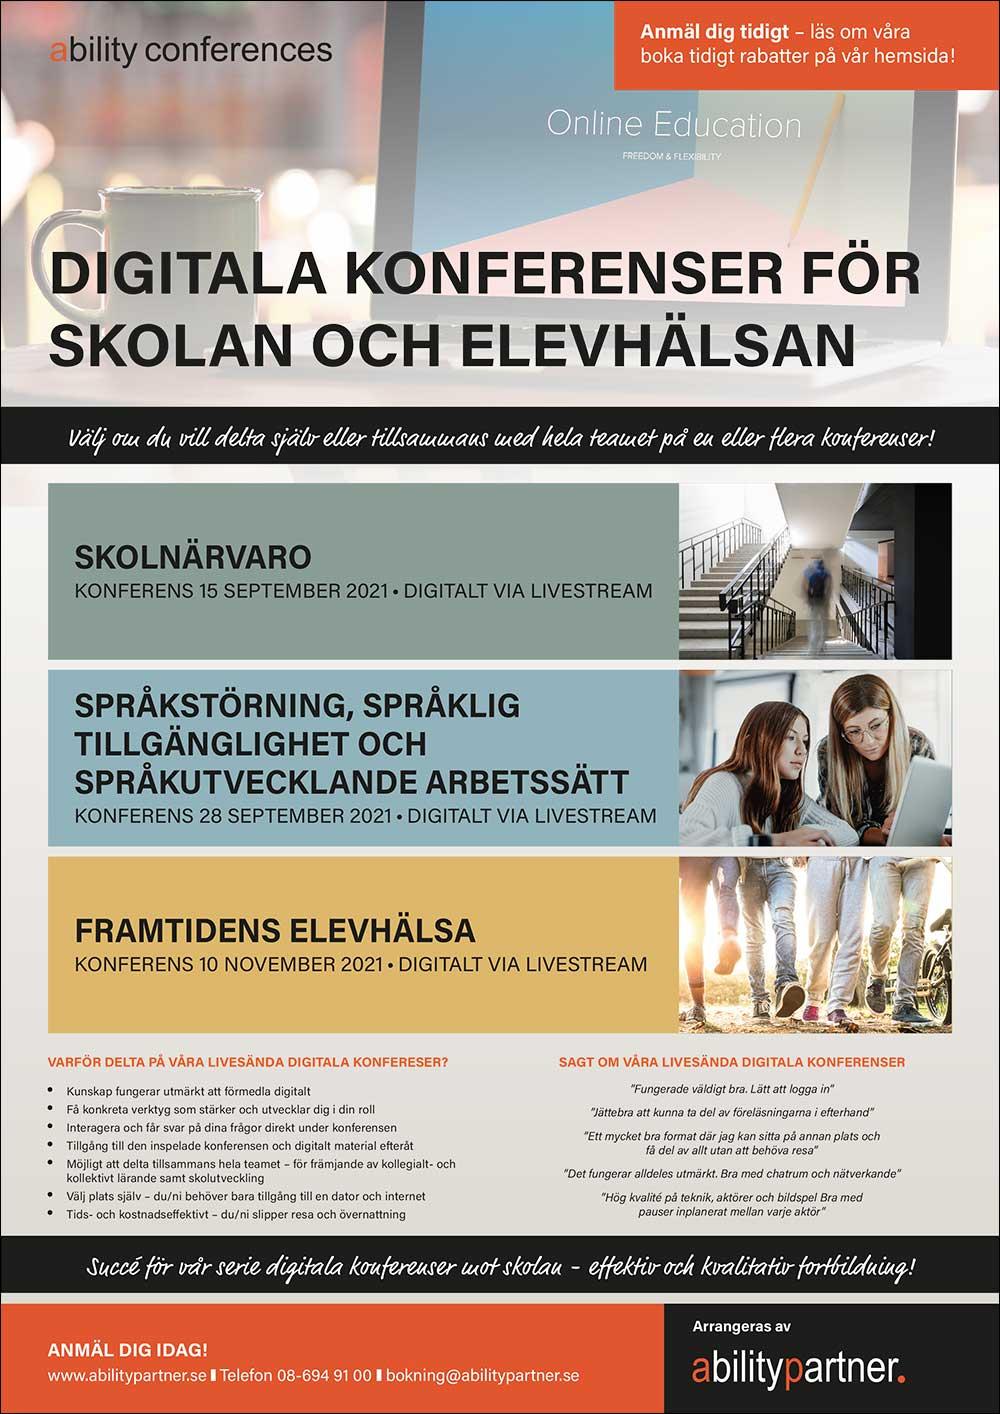 Digitala-konferenser-för-skolan-och-elevhälsan-2021-3-stor